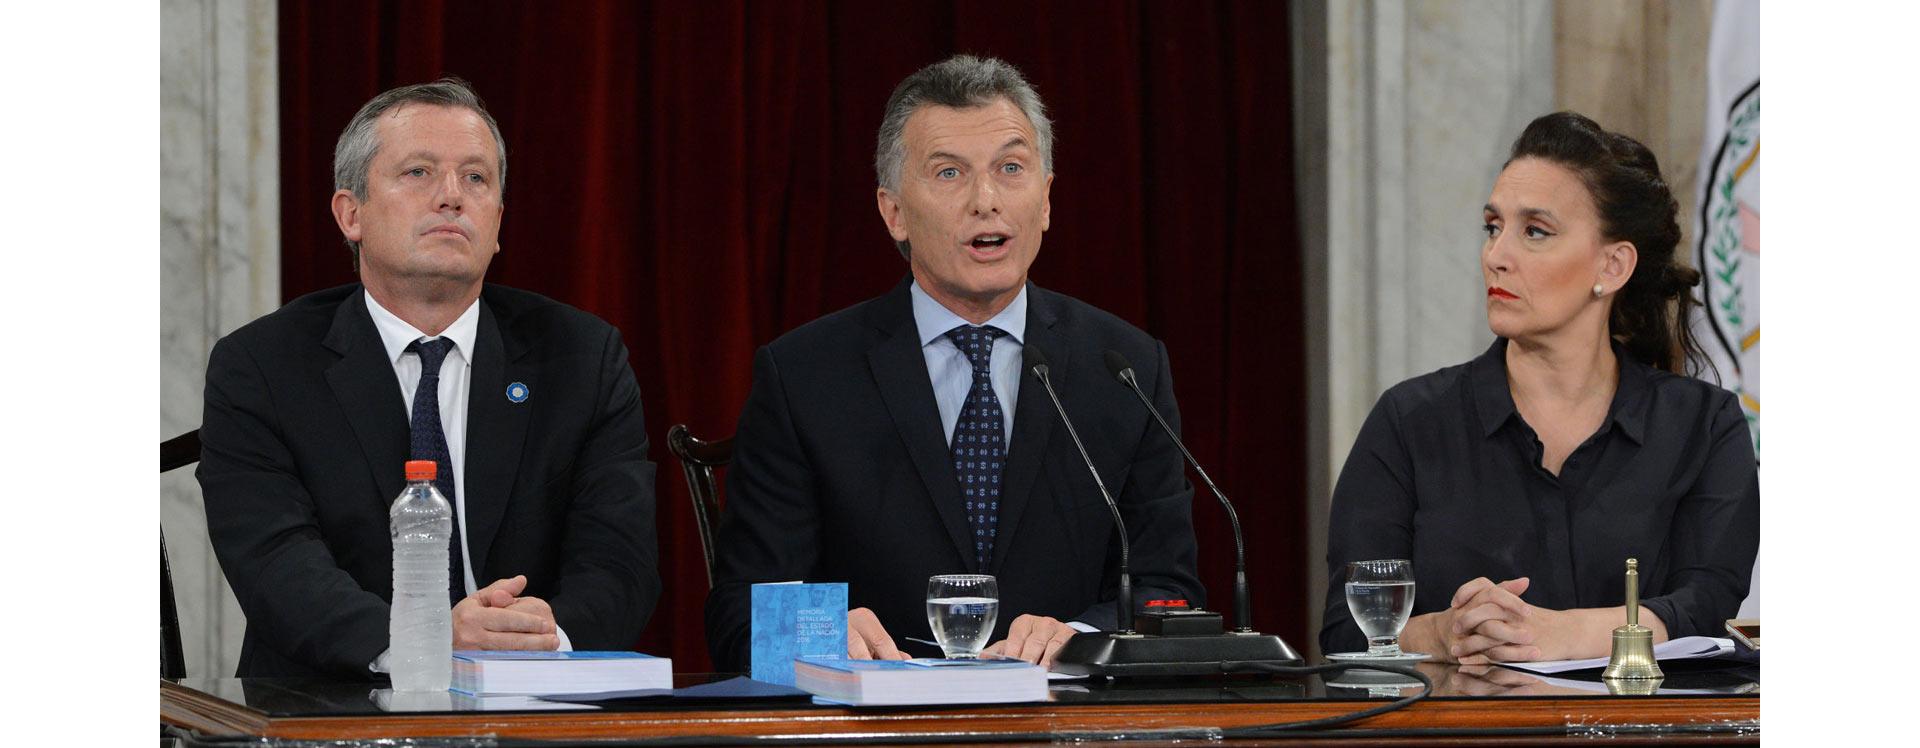 El-discurso-de-Macri_caja_05